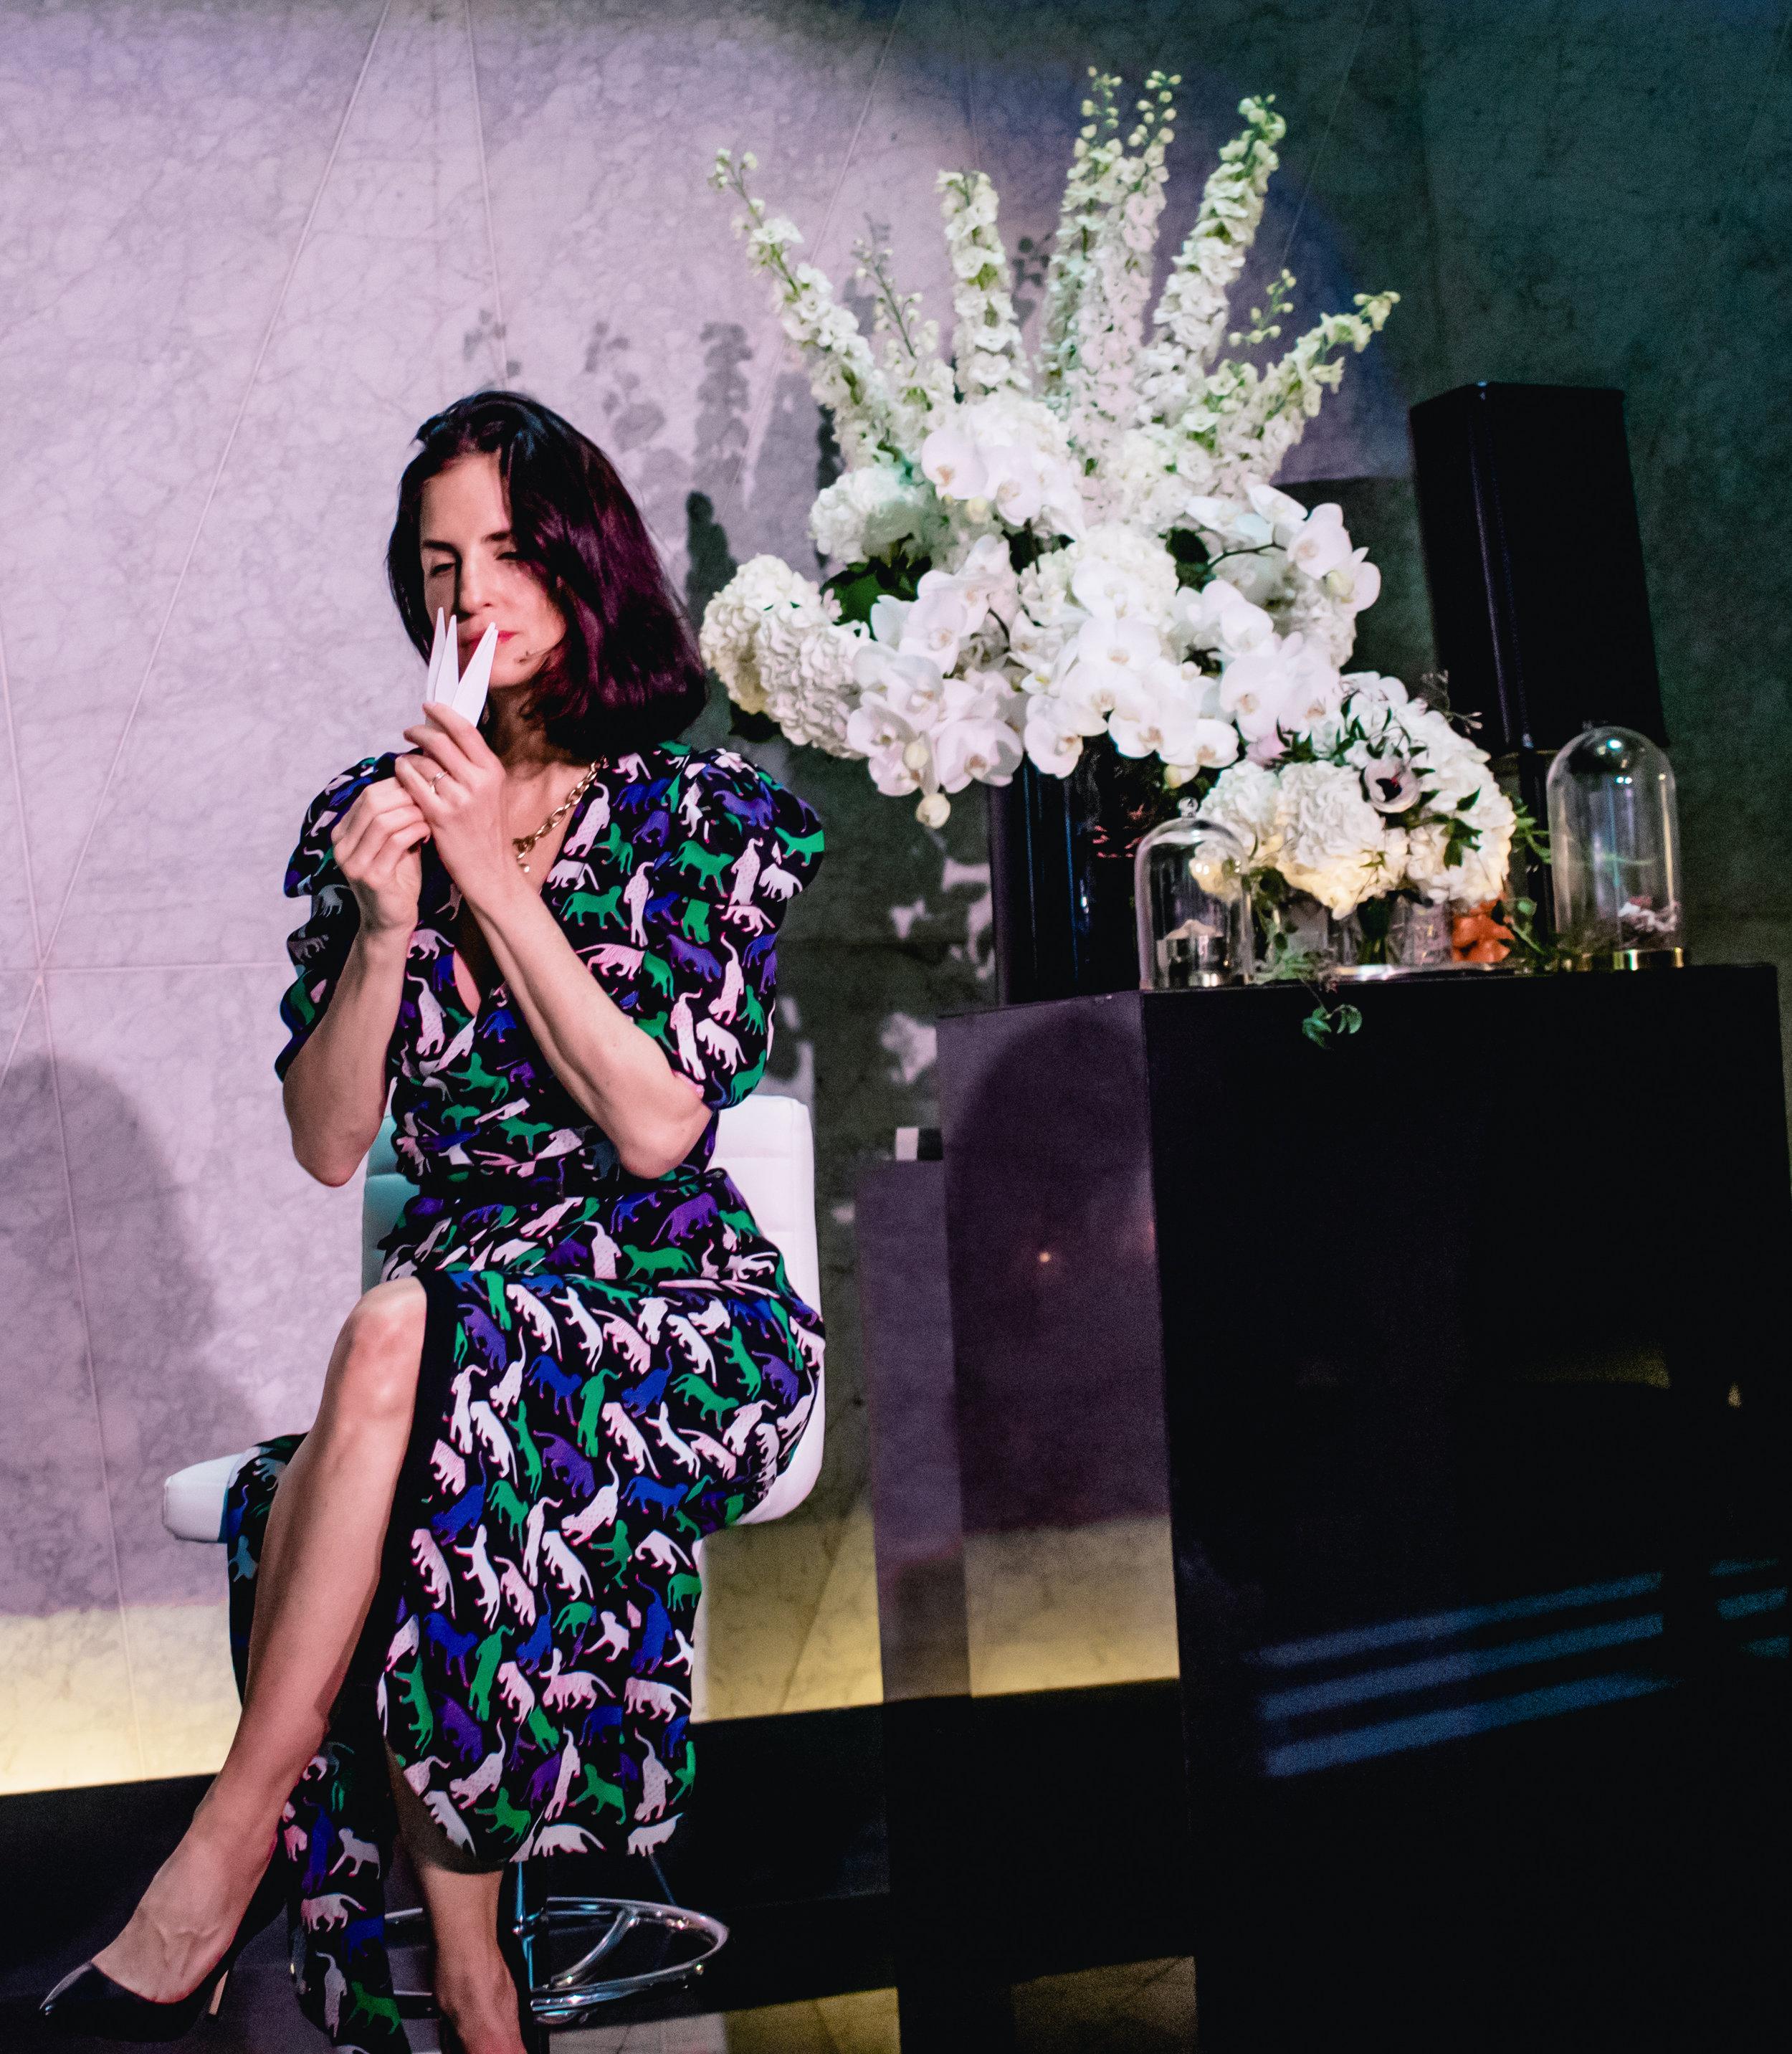 Caroline herrera good girl fragrance event 2.jpg